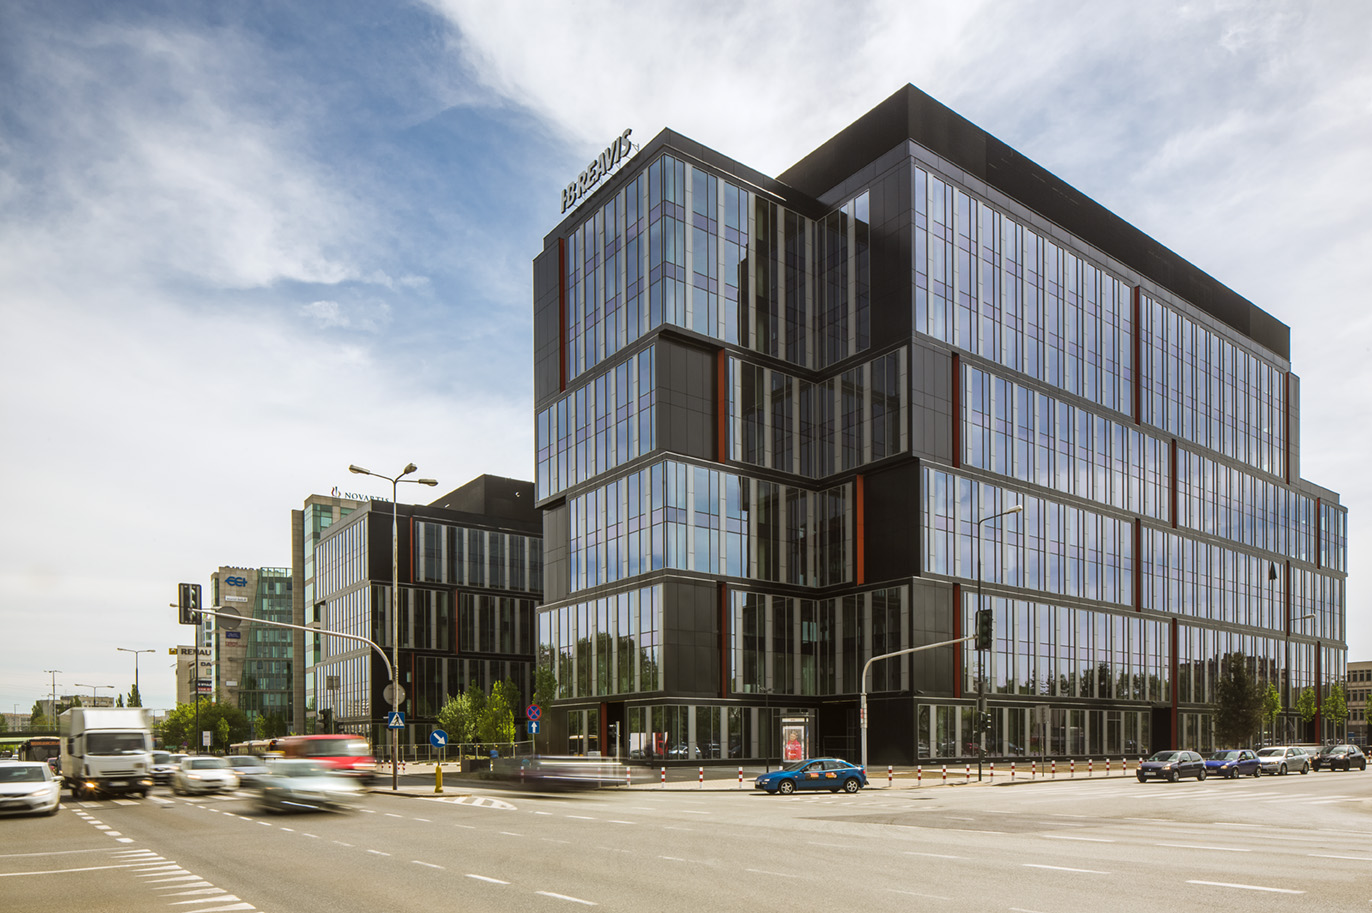 POSTĘPU 14 | Smart Office Warszawa | COWORKING - zdjęcie 3